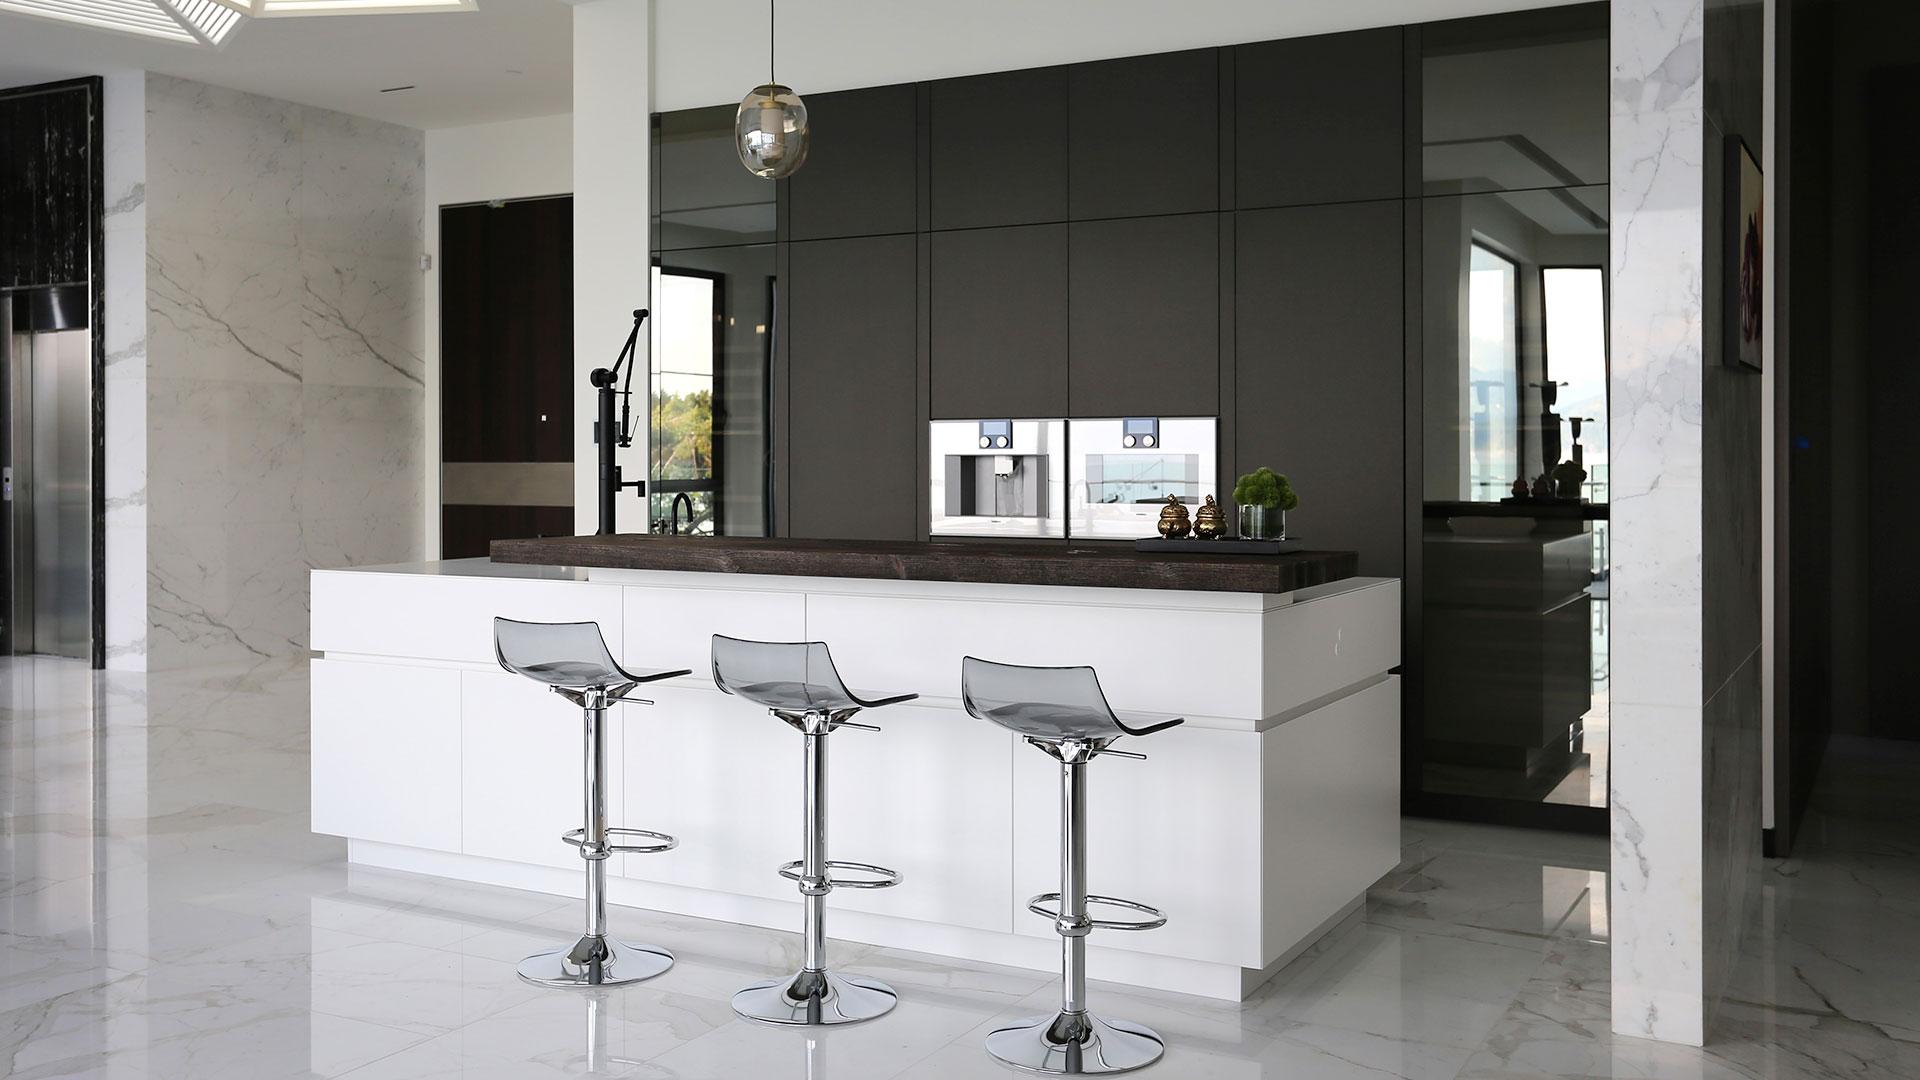 Cucina con isola laccata e lato colonne realizzata da TM Italia a Vancouver - 20190904_TMitalia_realizzazione-001